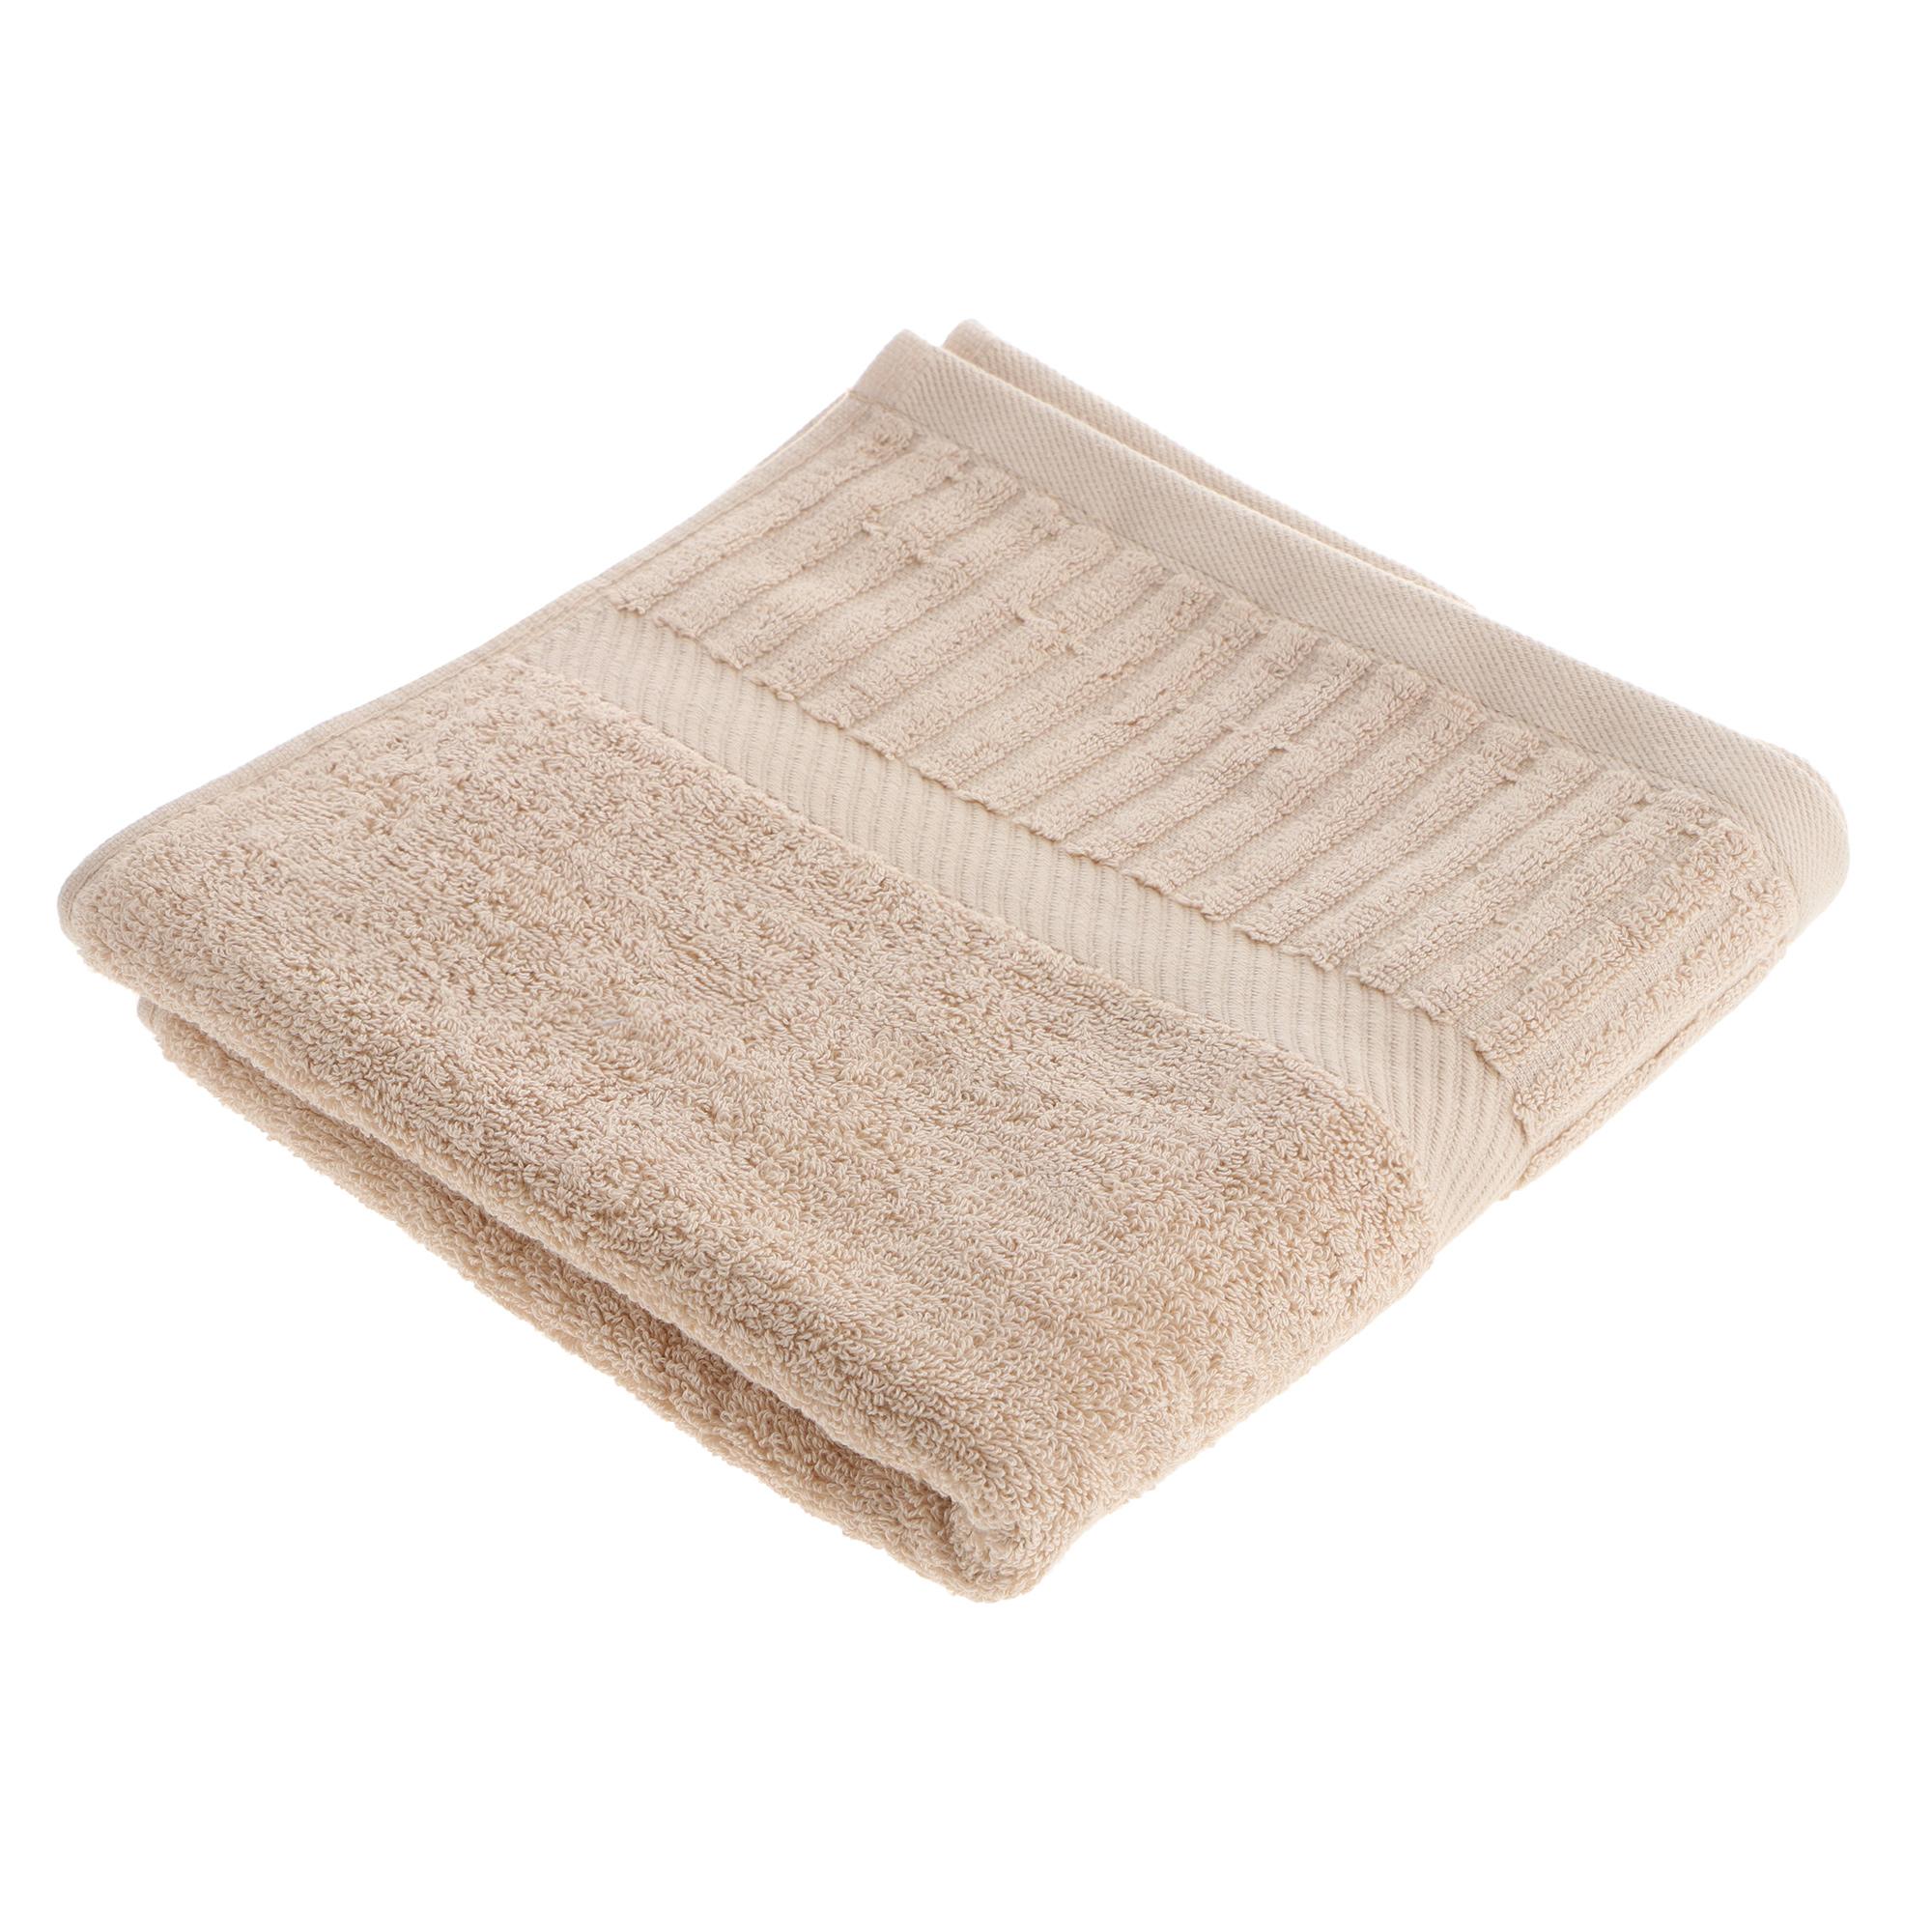 Полотенце Estia тасти бежевый 50x100 полотенце томдом пениома светло бежевый